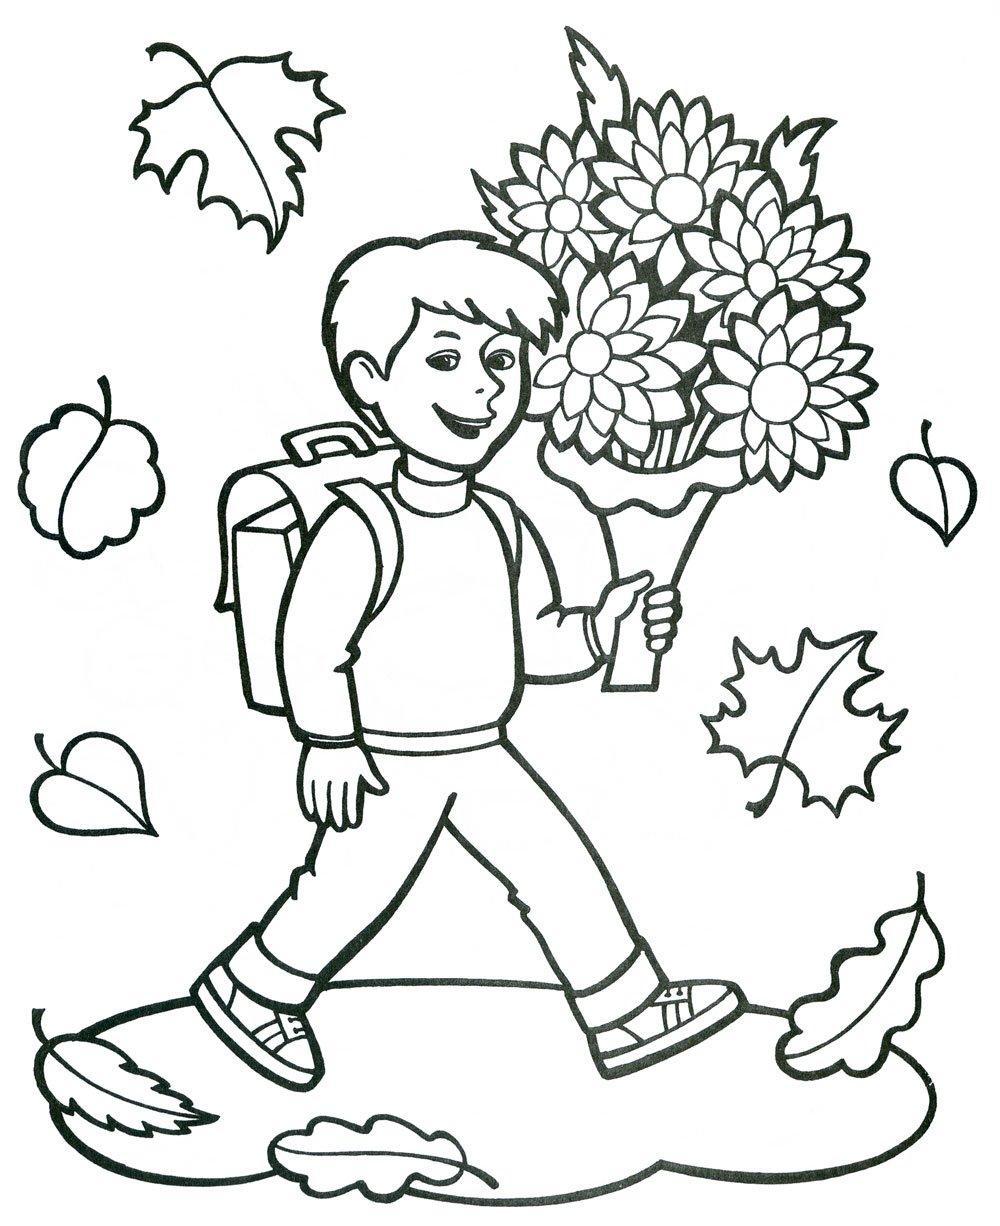 1 сентября раскраска для детей распечатать